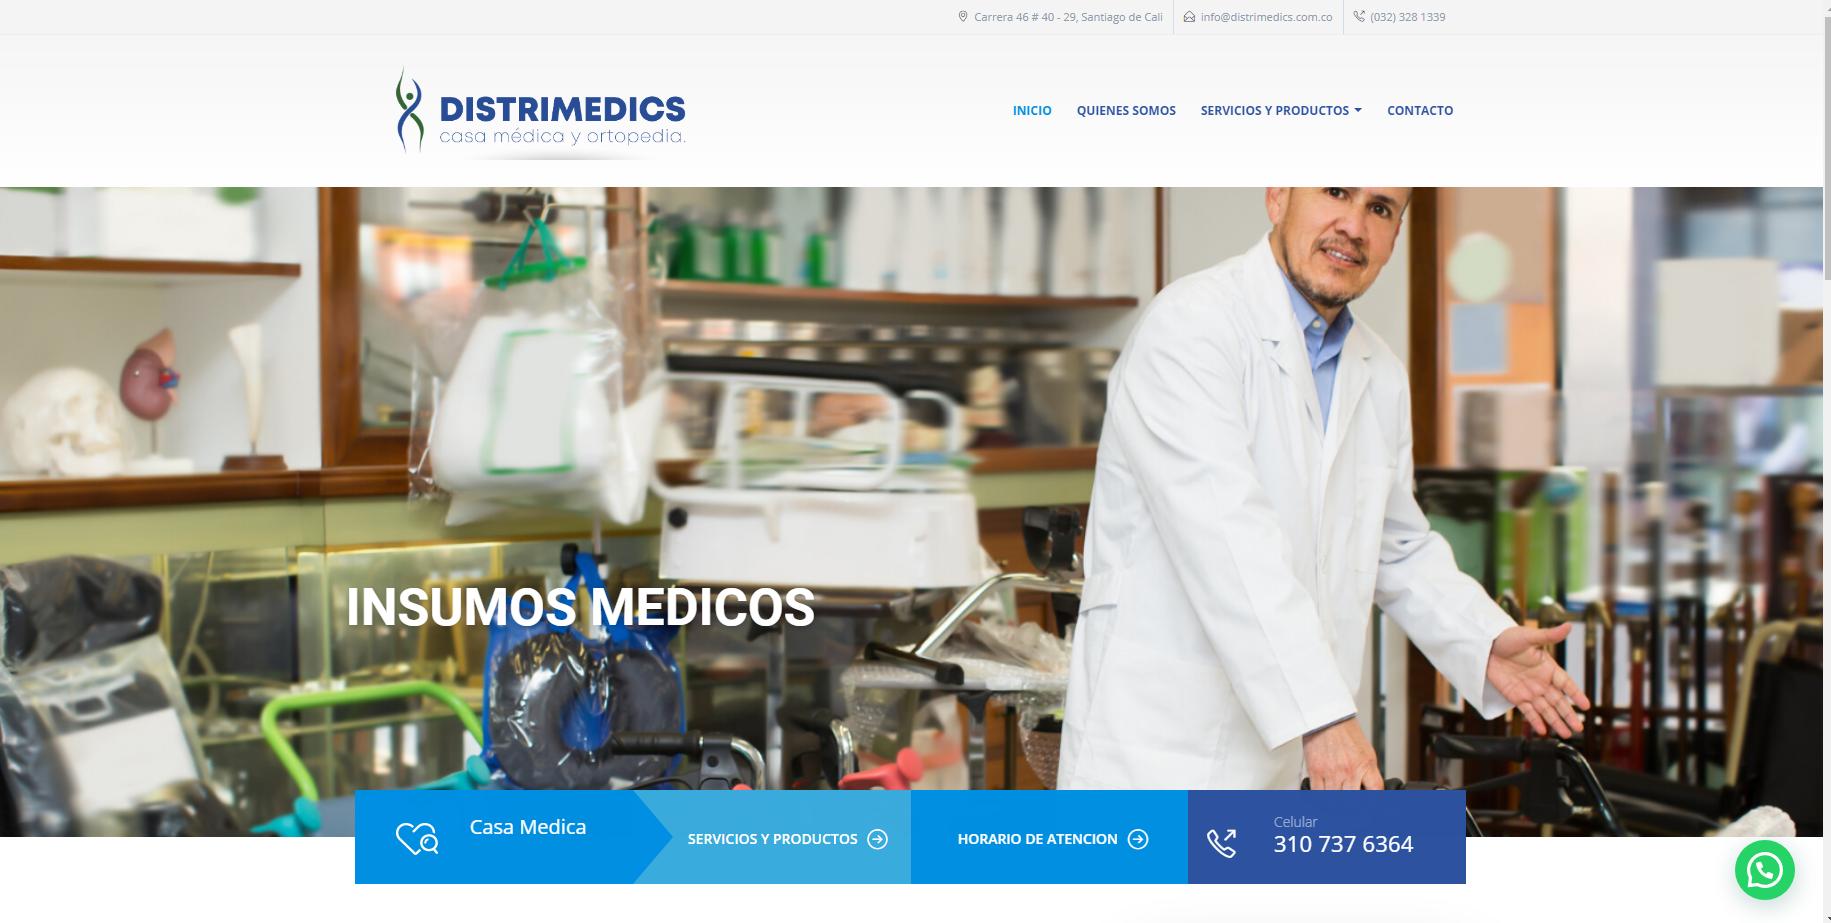 Distrimedics 7